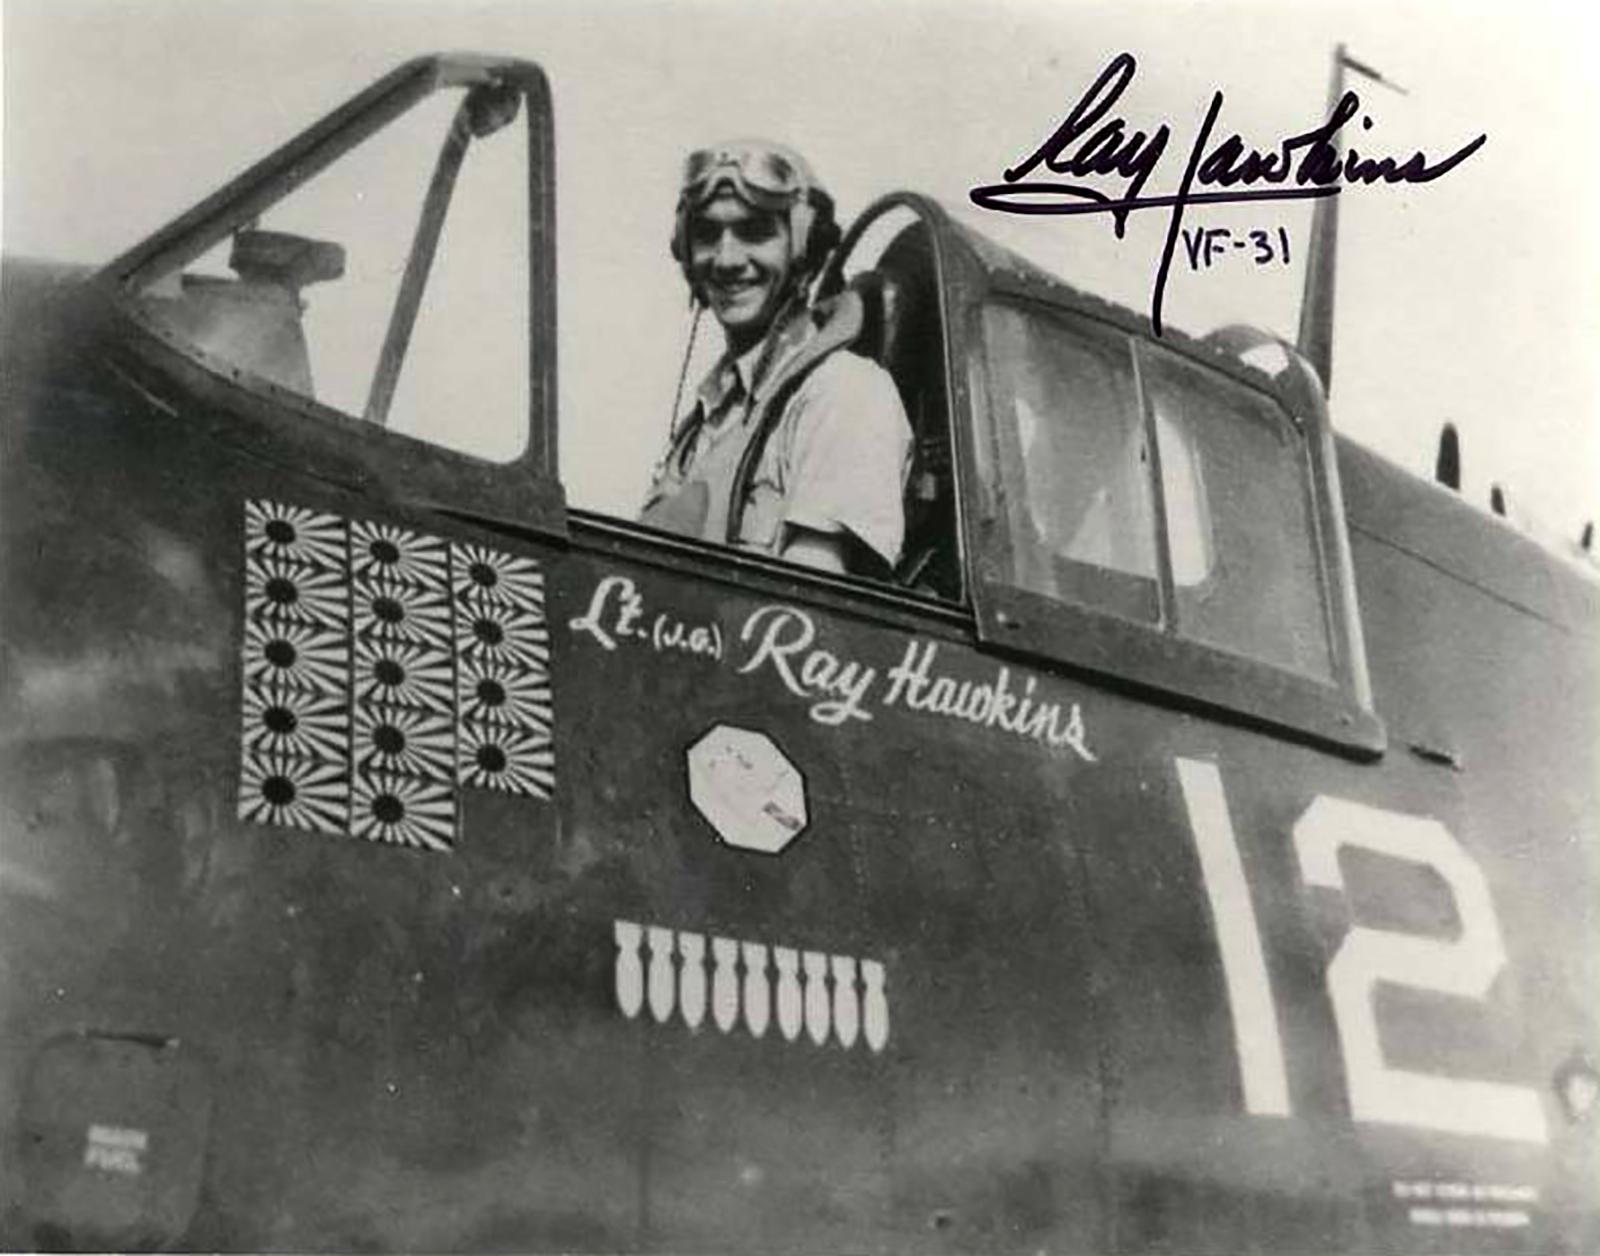 Aircrew USN VF 31 ace Arthur Ray Hawkins 01